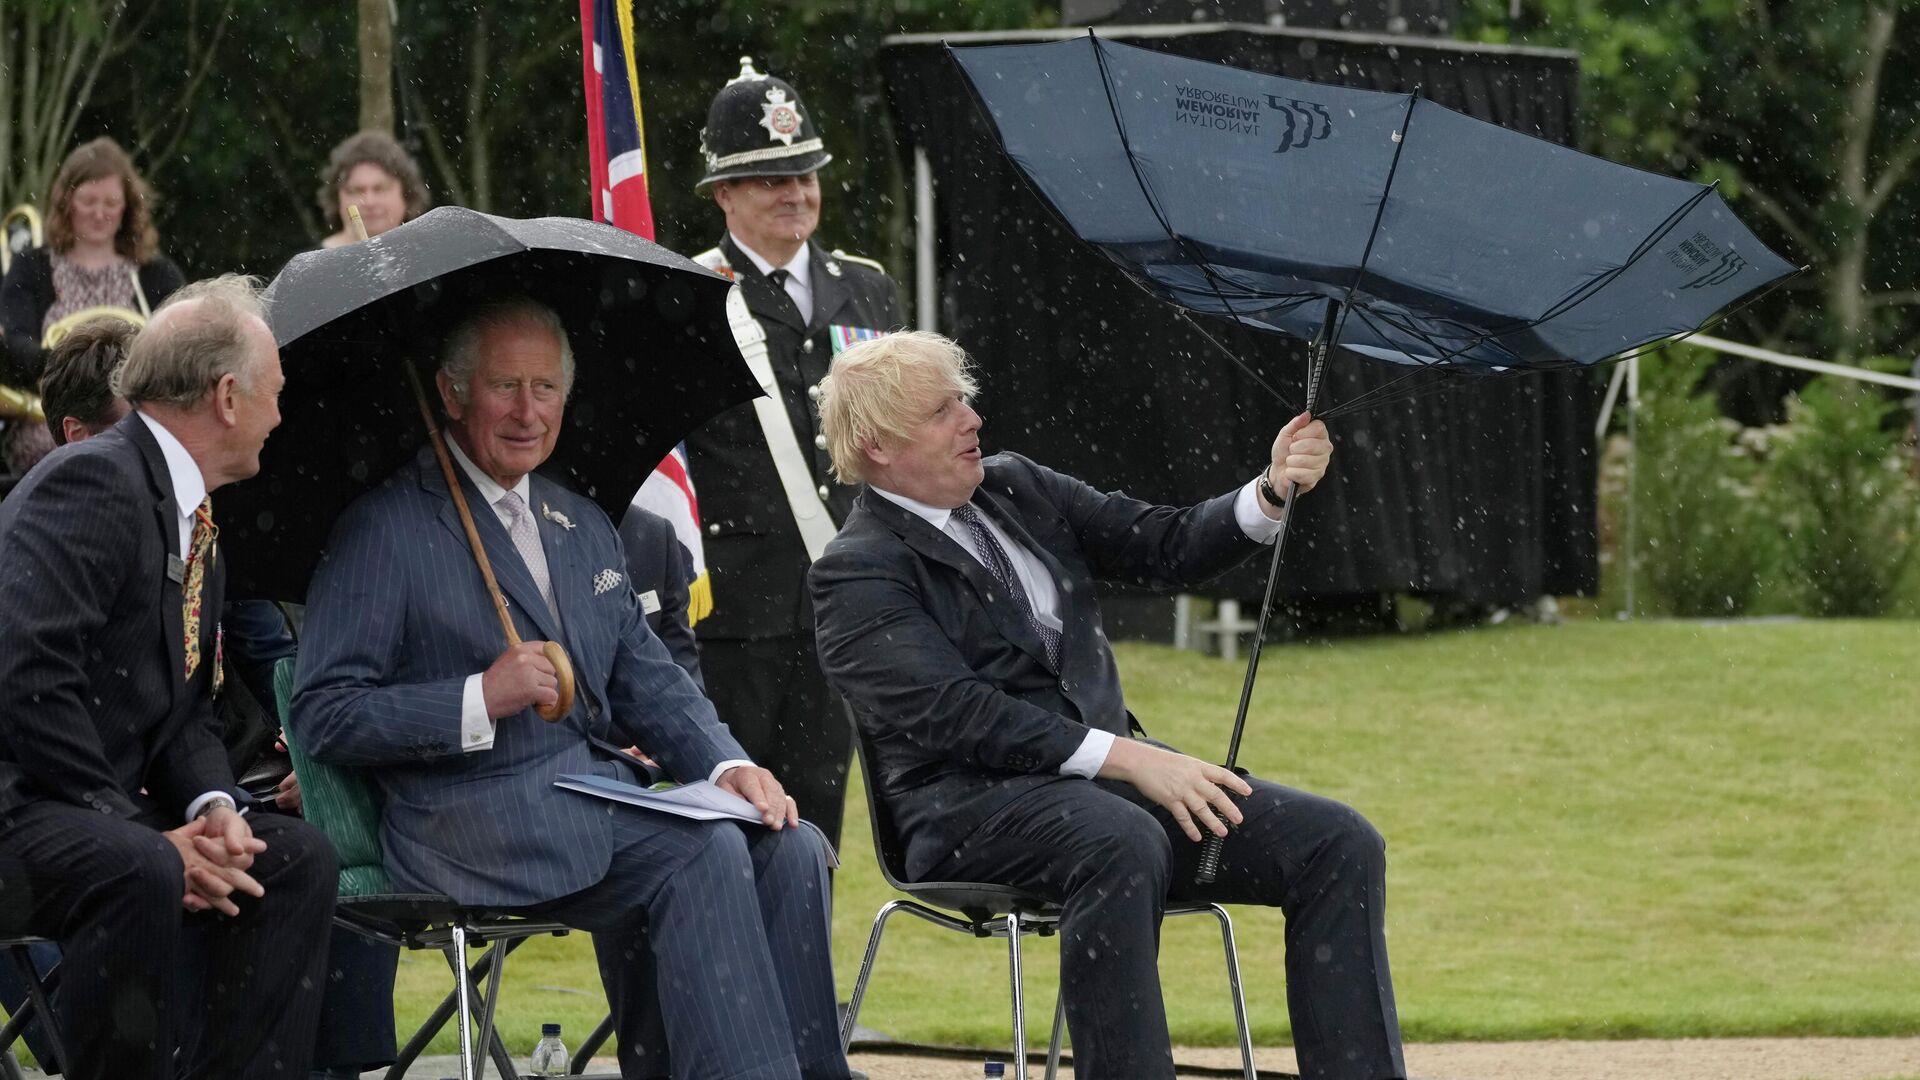 Британский принц Чарльз и премьер-министр Борис Джонсон укрываются от дождя во время открытия Мемориала полиции Великобритании в Национальном мемориальном дендрарии в Олревасе, Англия - РИА Новости, 1920, 31.07.2021